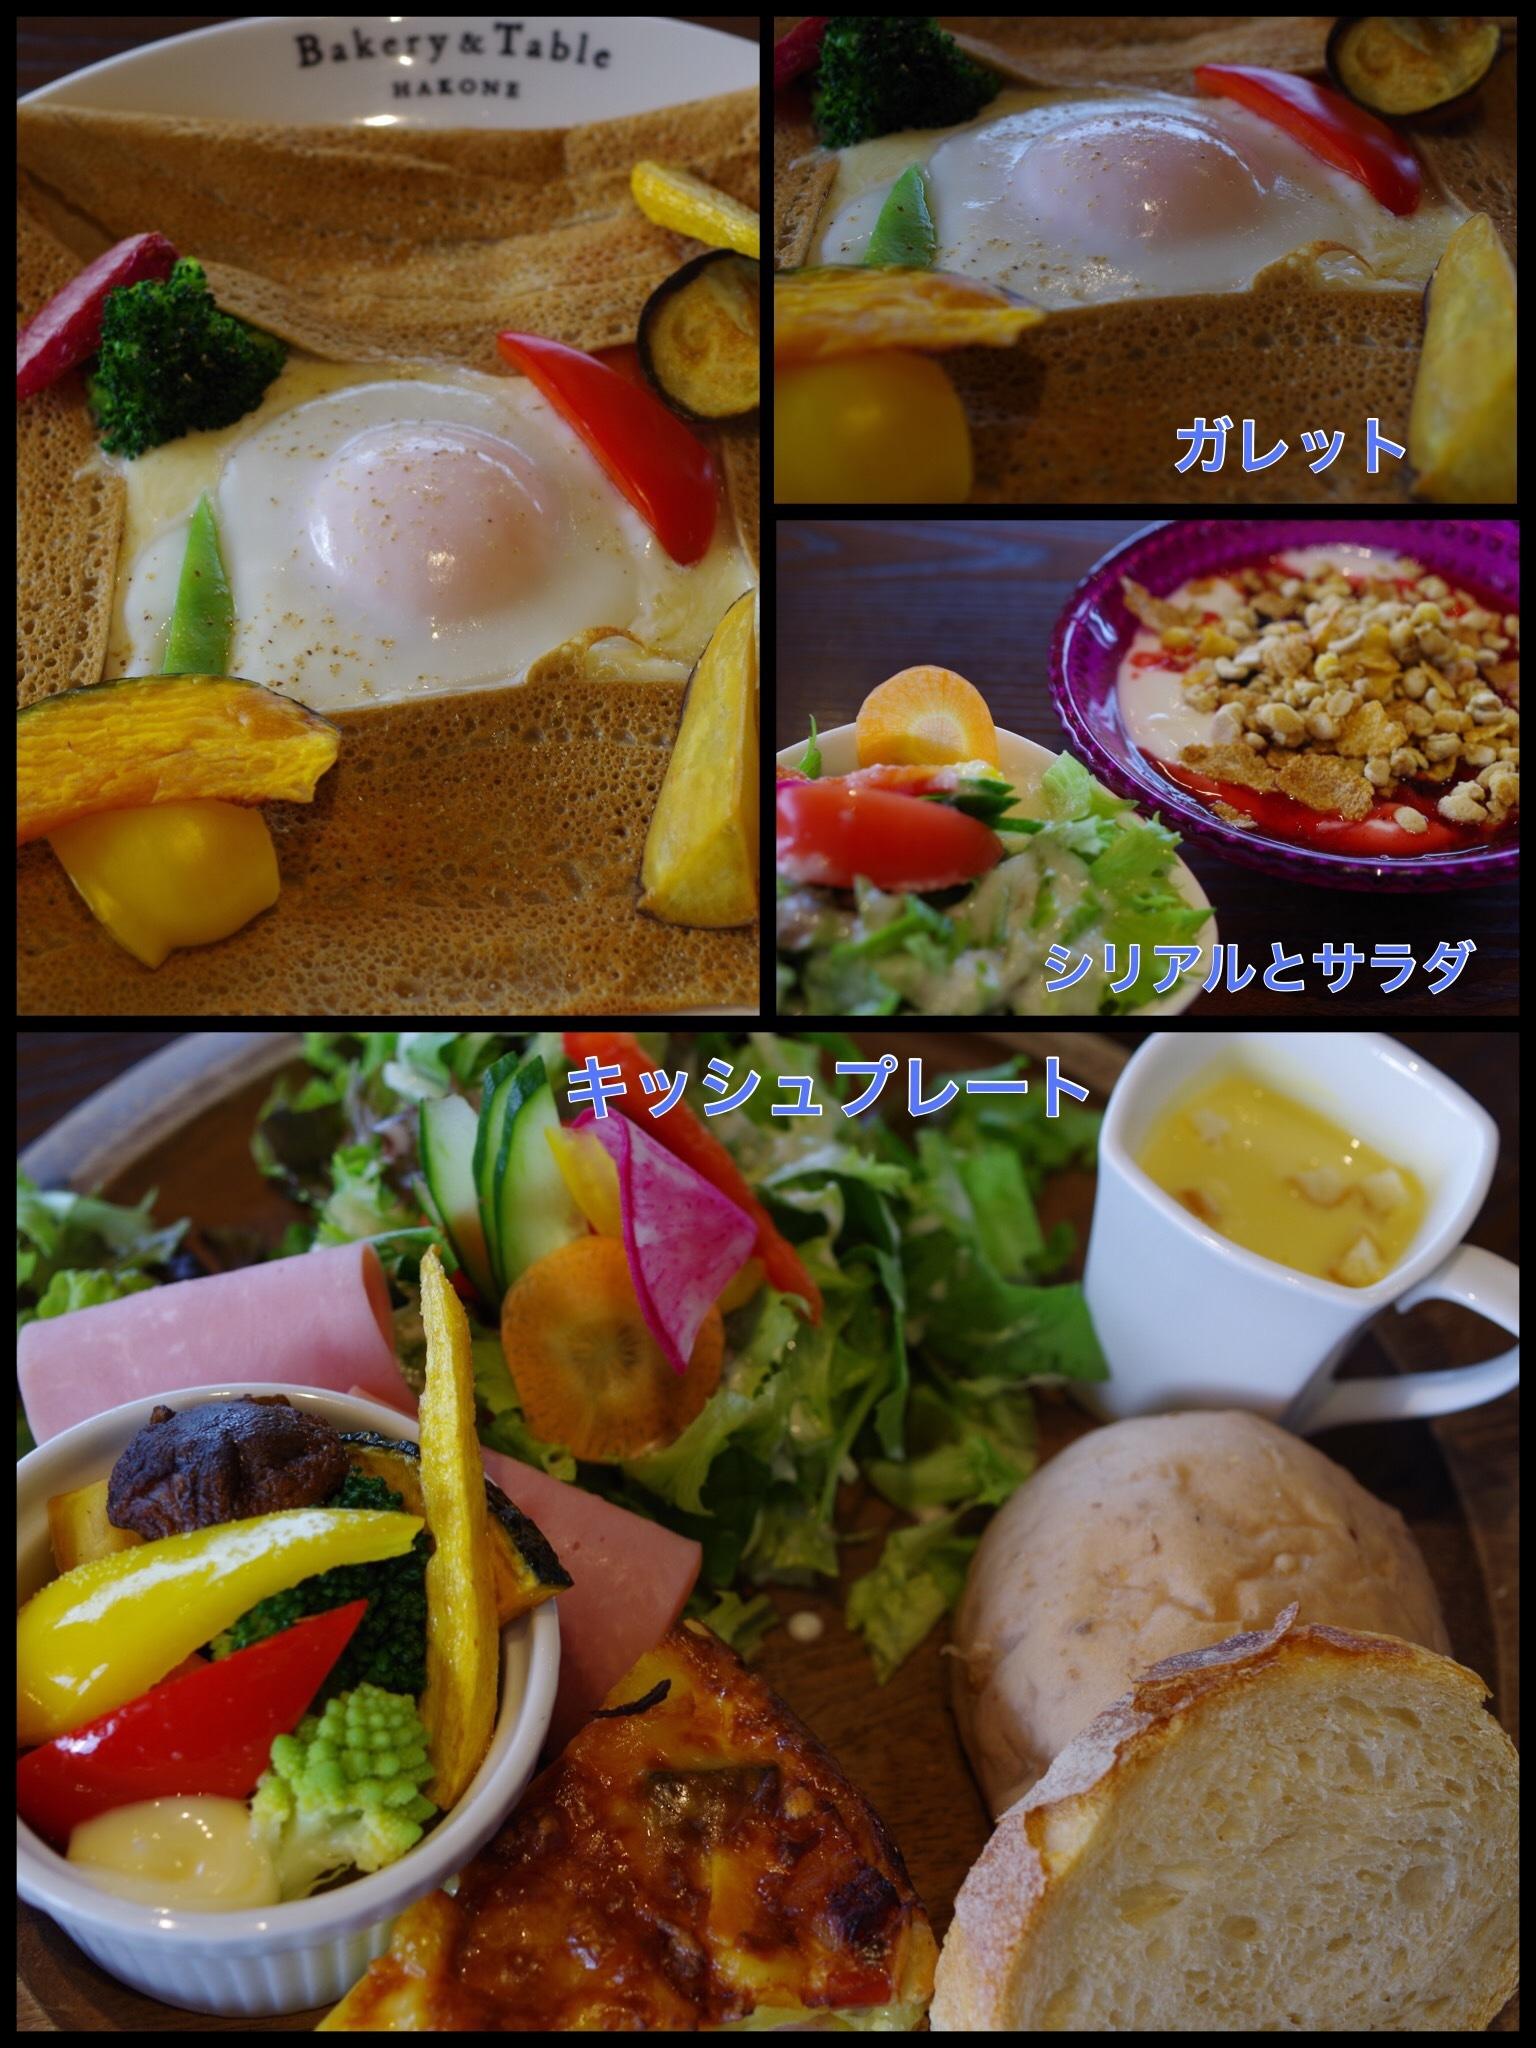 元箱根 朝食 ベーカリーアンドテーブル ベーカリー&テーブル ガレット